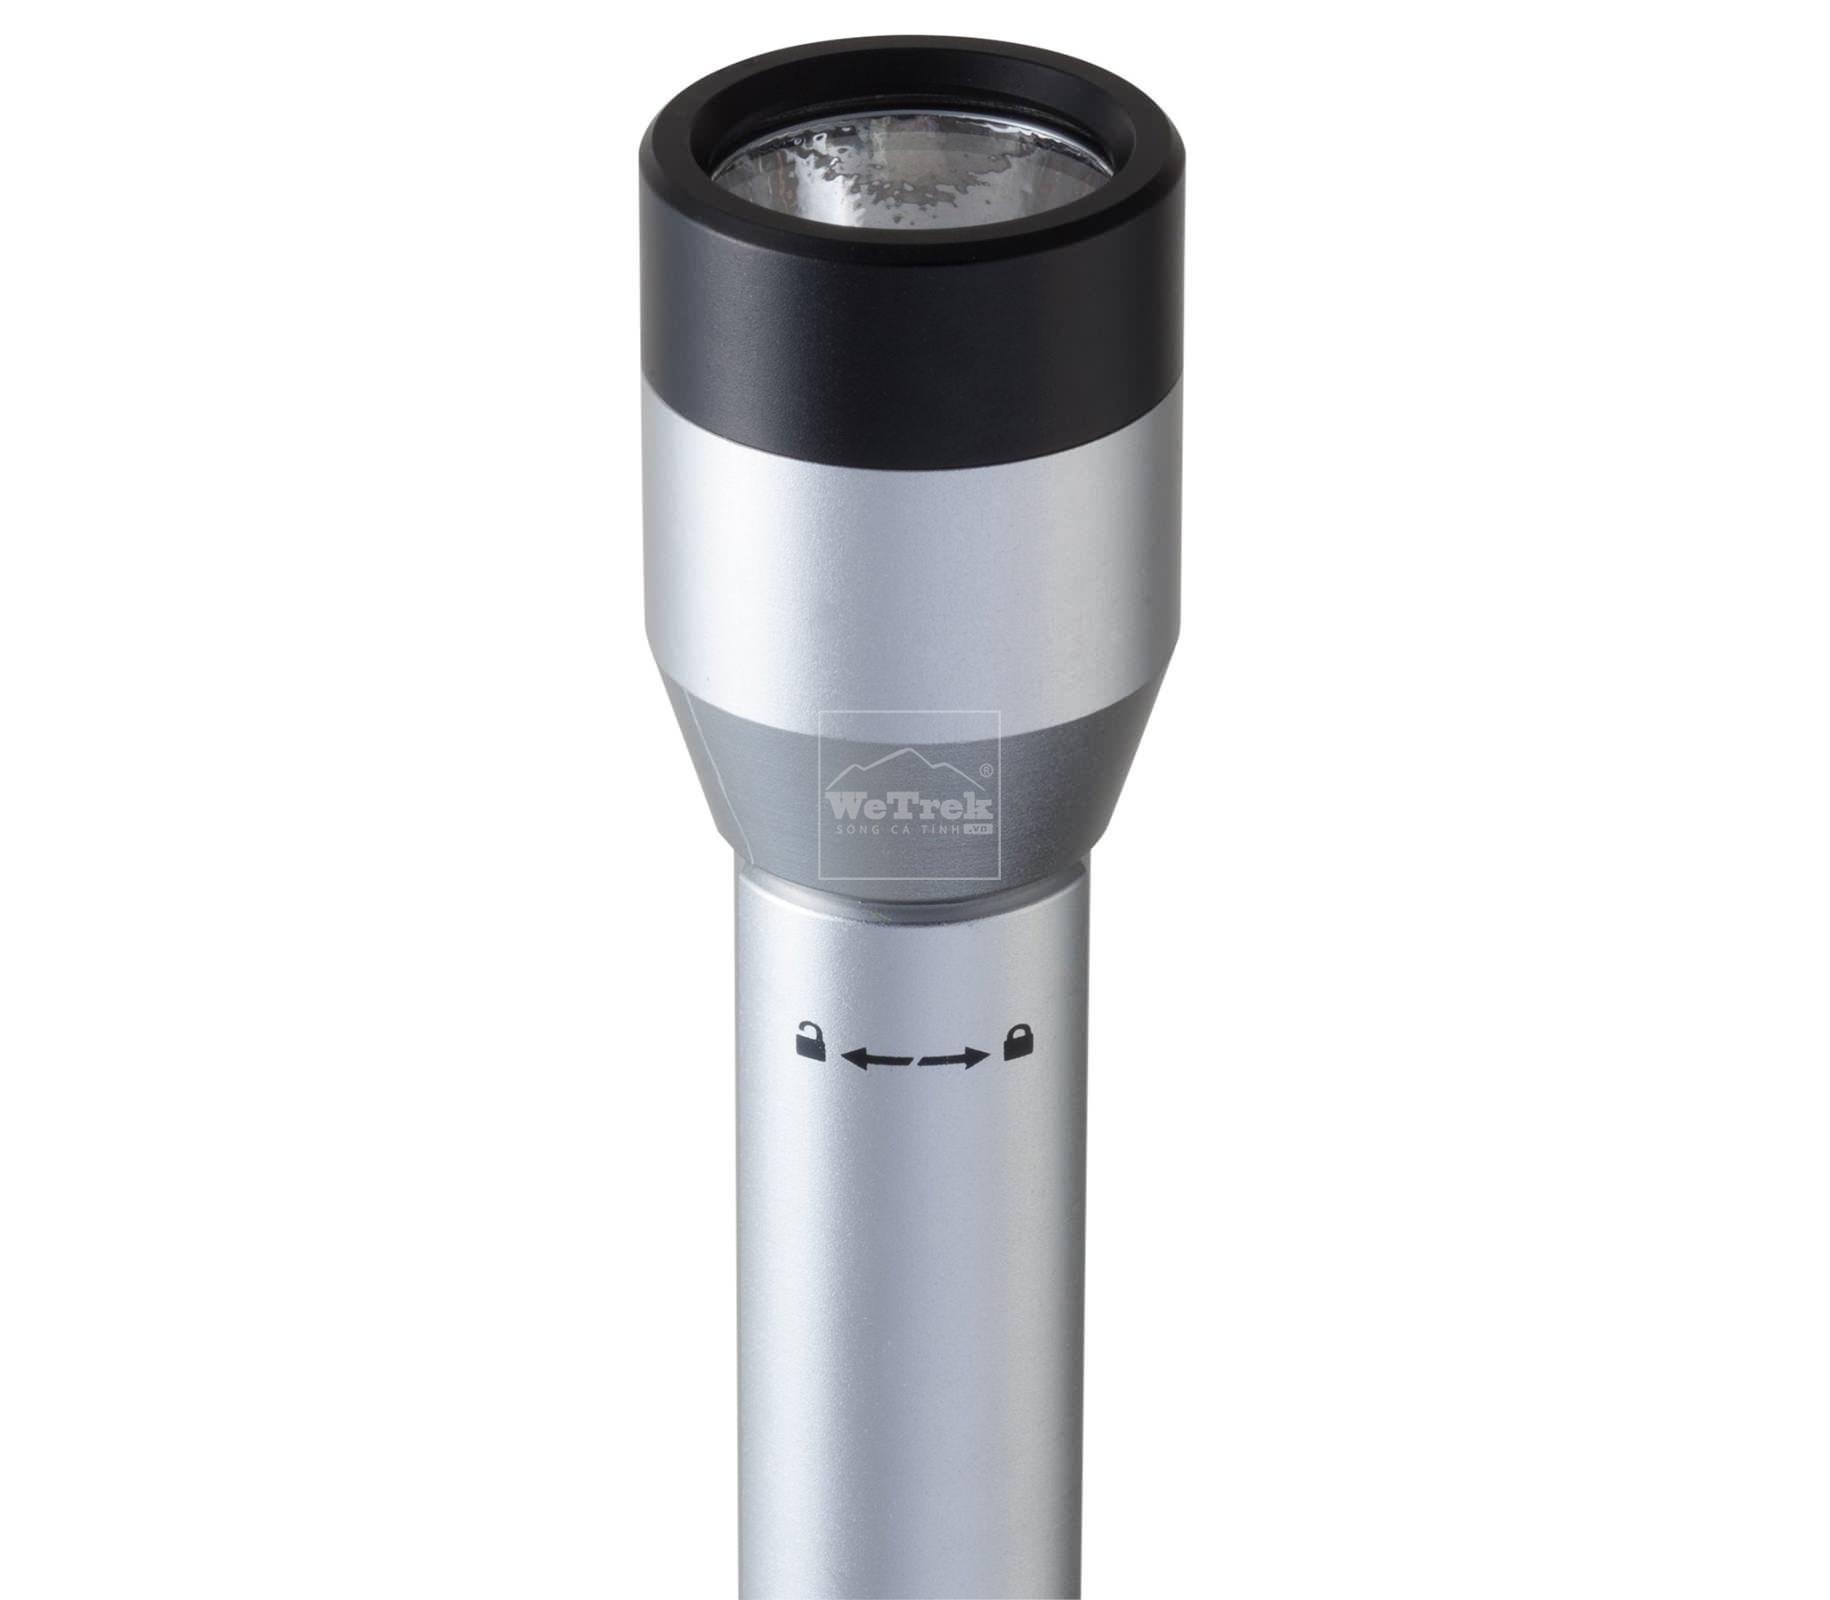 den-pin-coleman-batterylock-40-2000022306-5929-wetrek.vn-2